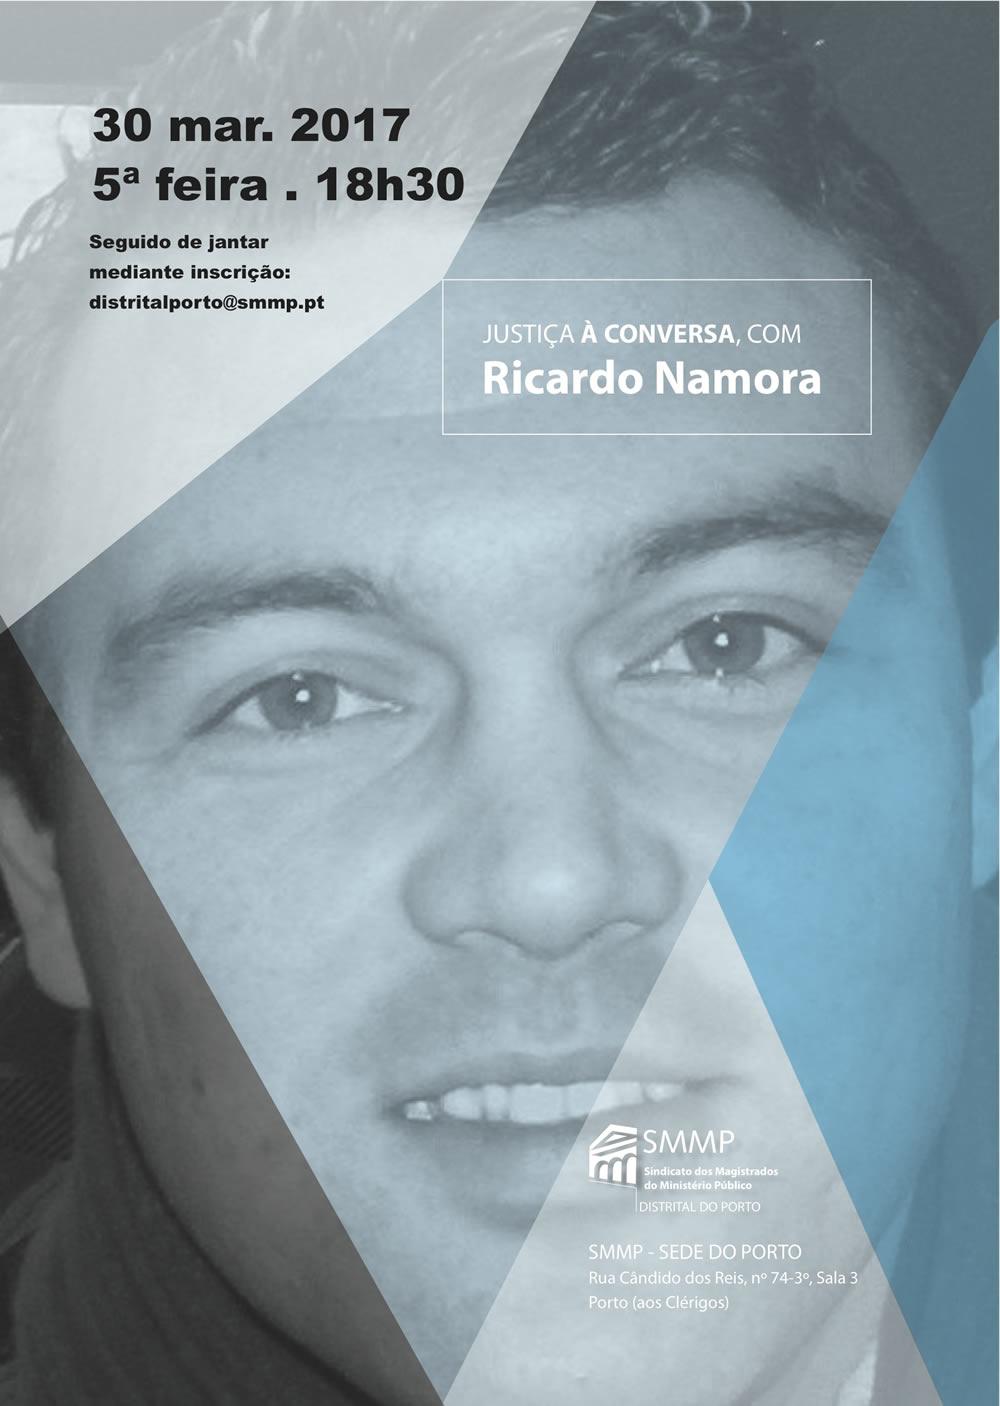 Justiça à conversa com Ricardo Namora